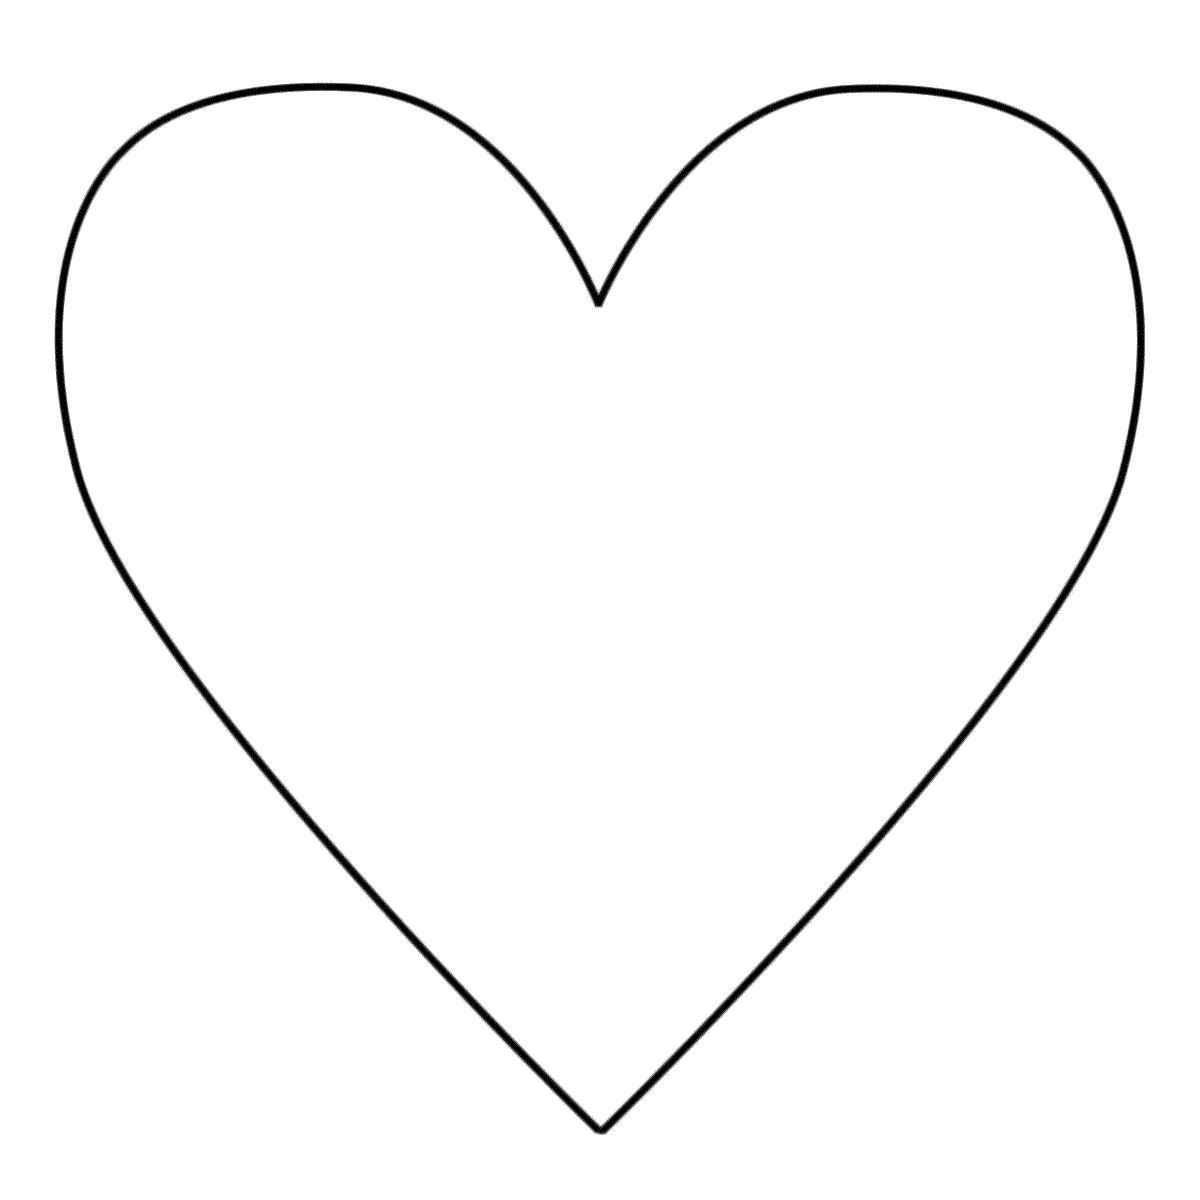 Vorlage Herz Malen